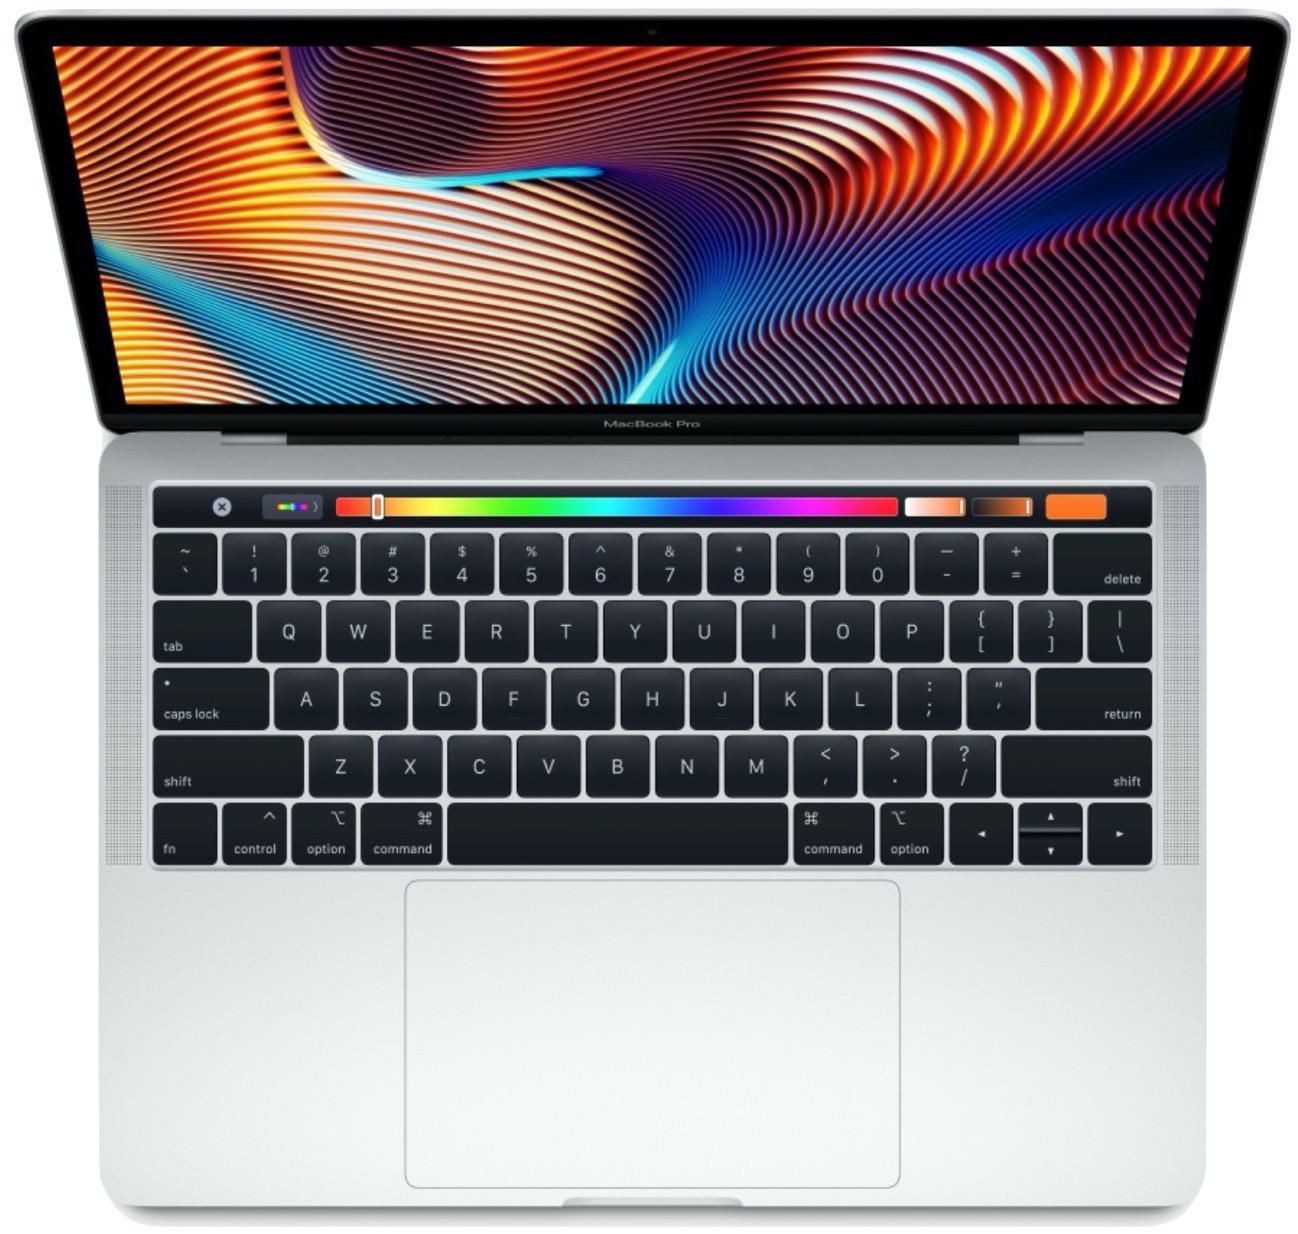 MacBook Pro 13 Tru Tone